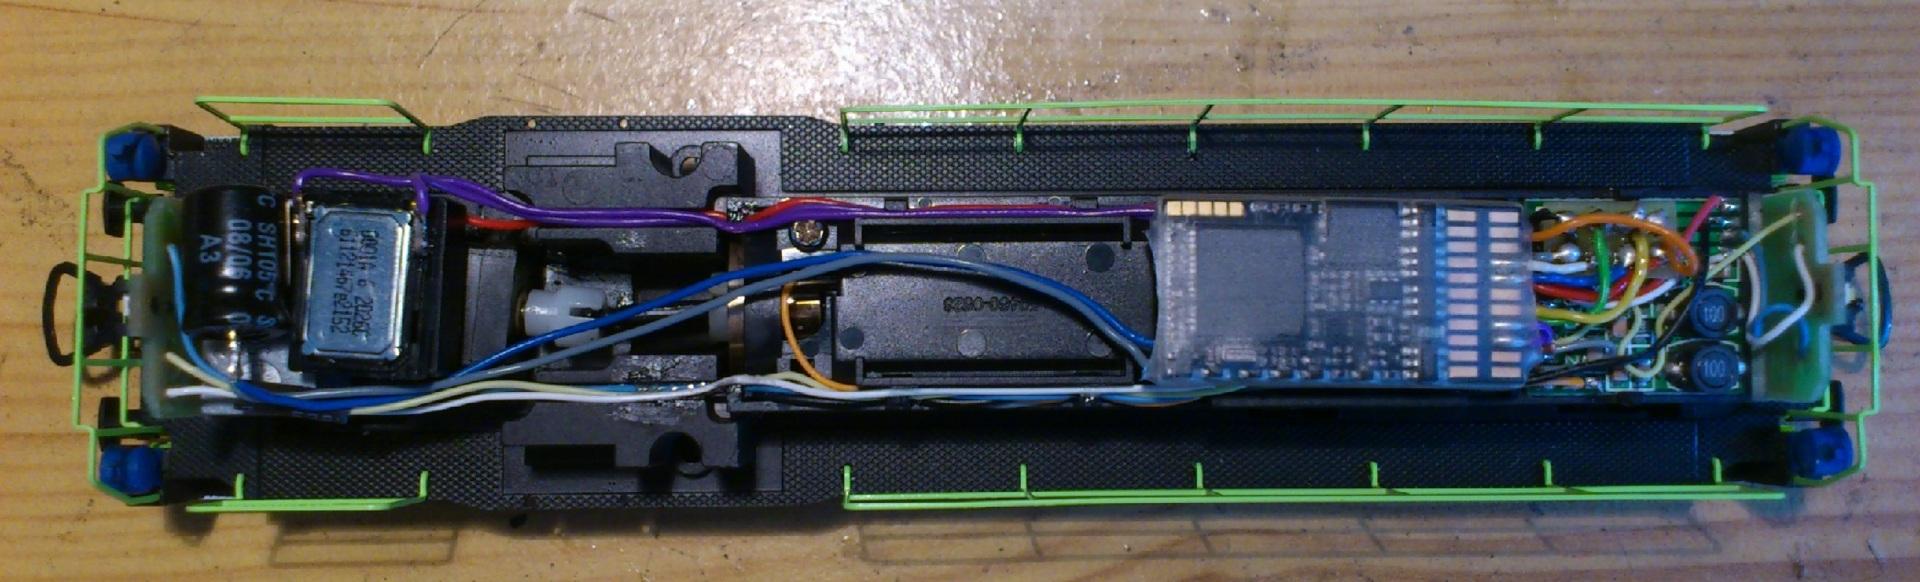 SM42 z dźwiękiem.jpg